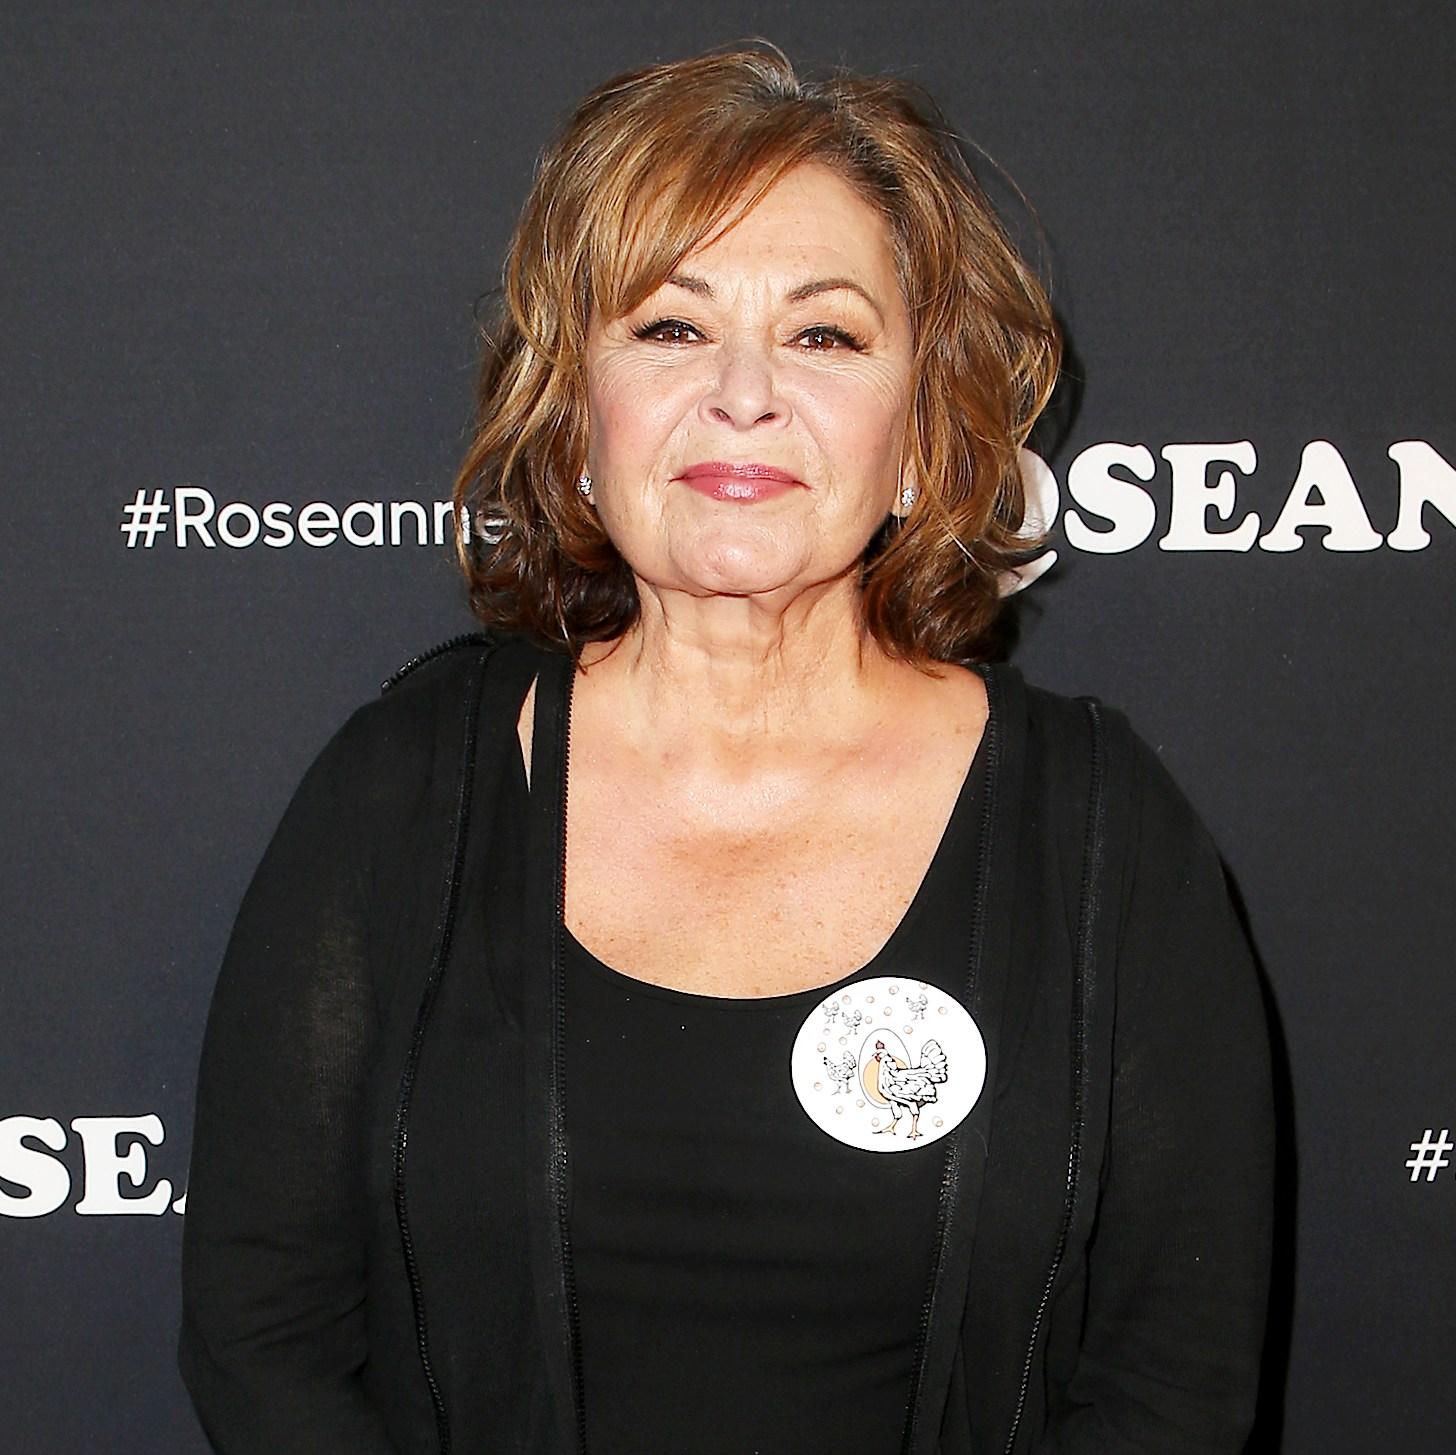 Roseanne Returning to TV